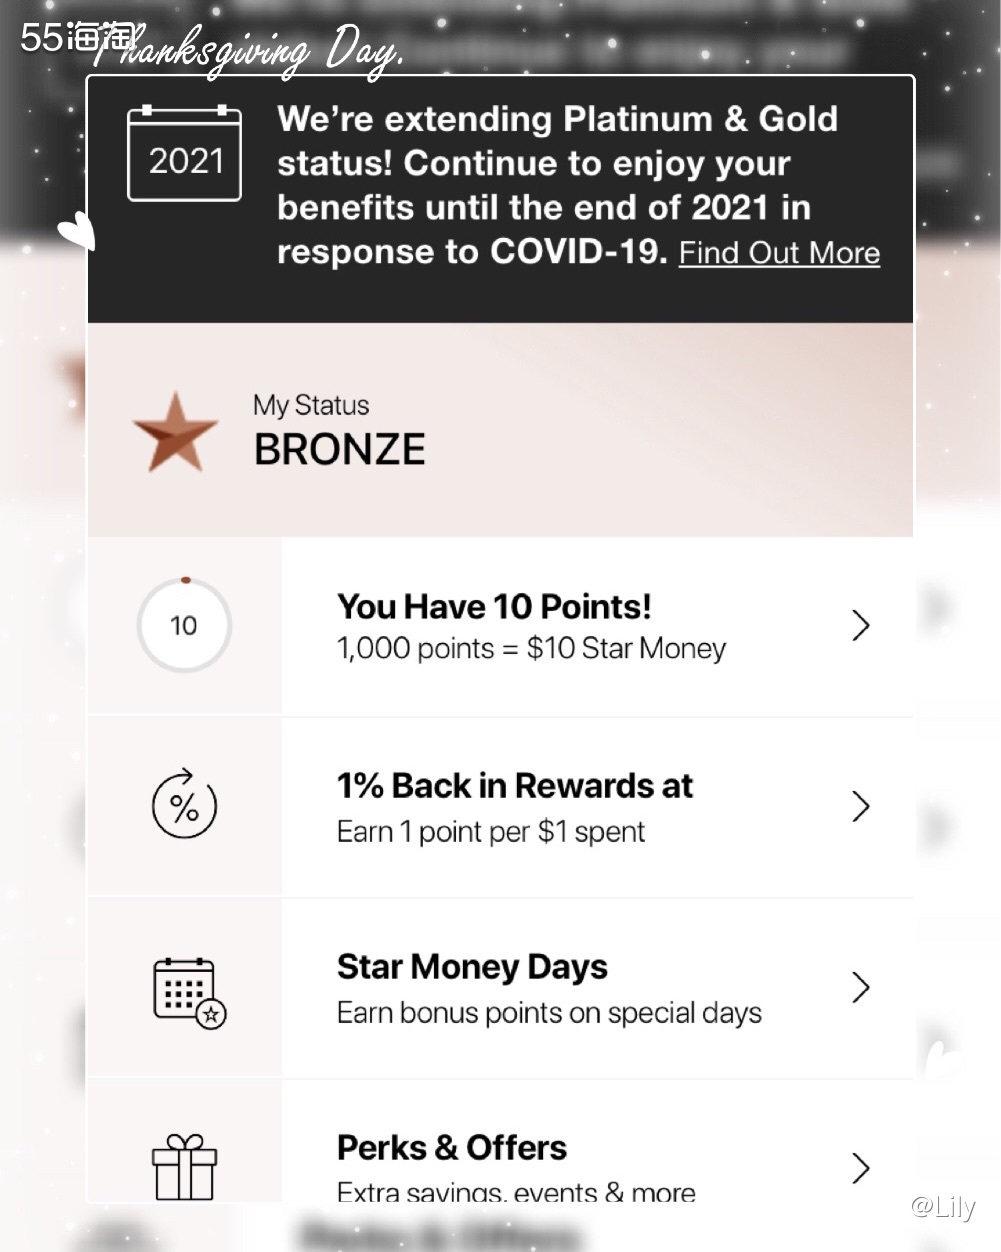 梅西Star Rewards注册电话变更 自从梅西疯狂砍我单